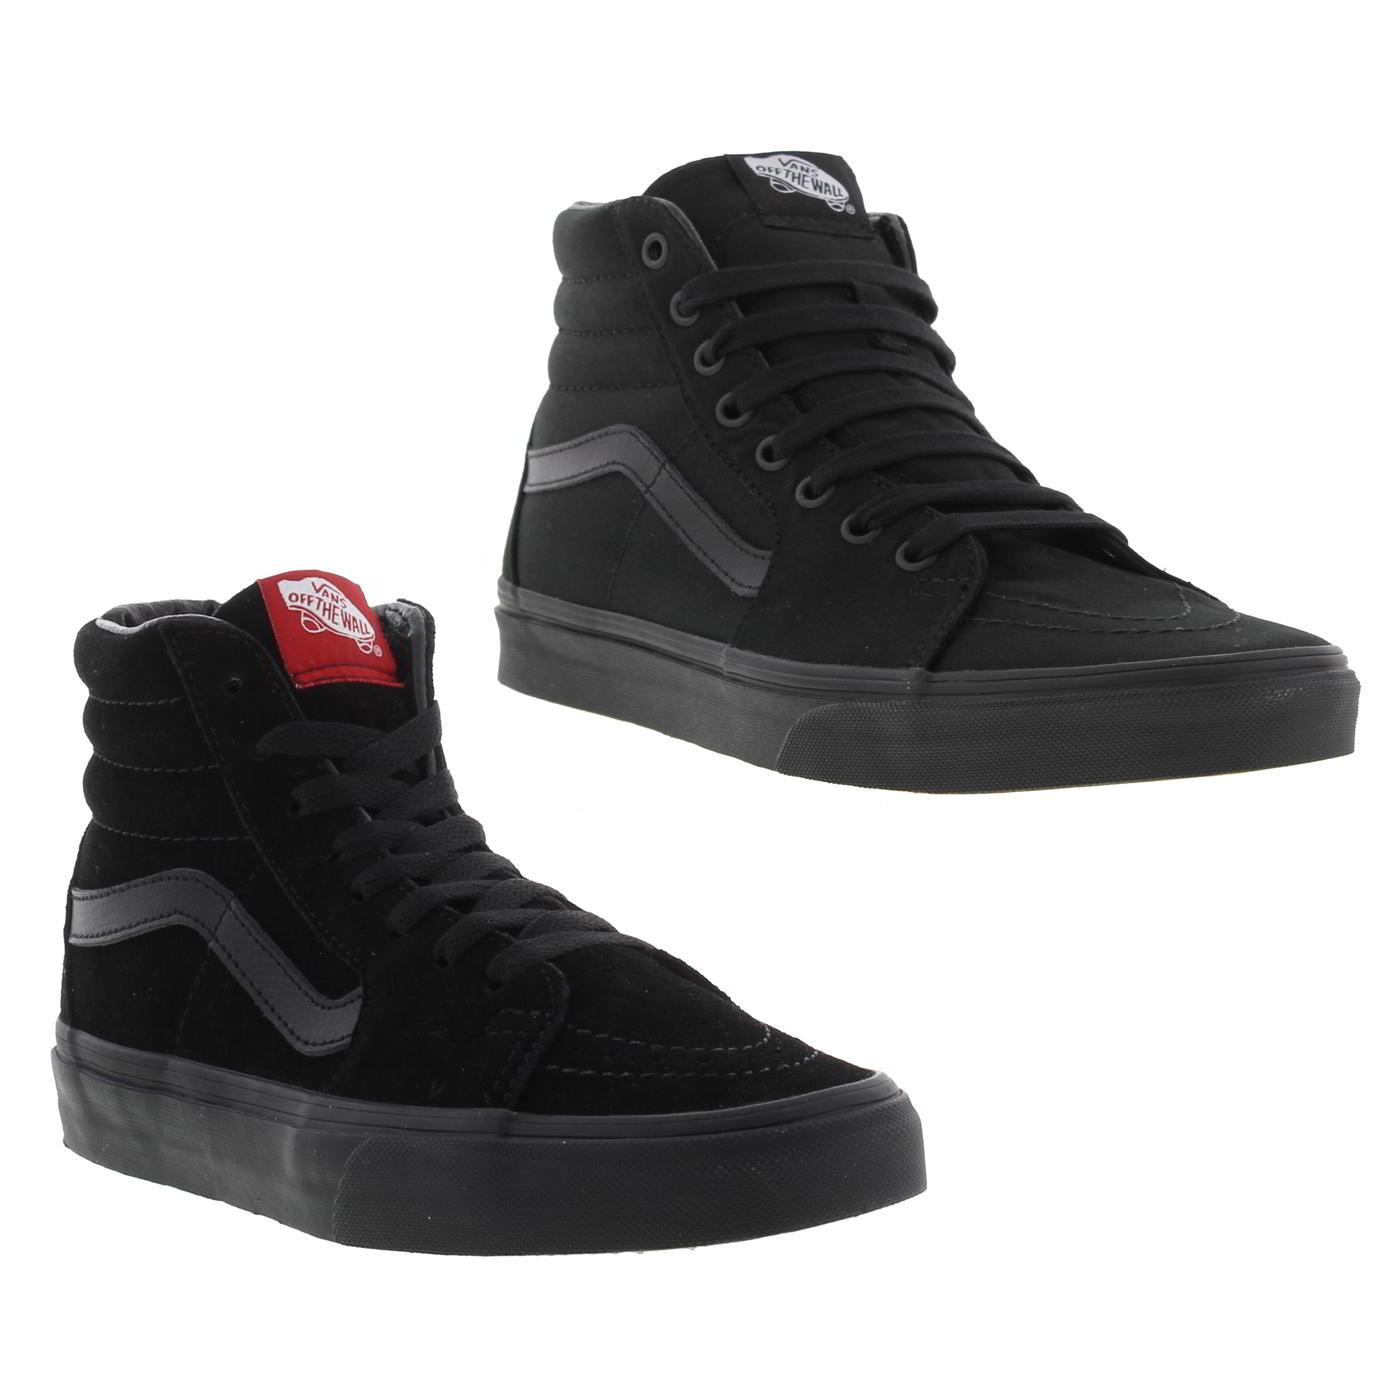 16a7ab1f1f9 Détails sur Vans SK8 HI homme femme noir Montantes Skate Baskets Chaussures  Taille UK 4-13- afficher le titre d origine